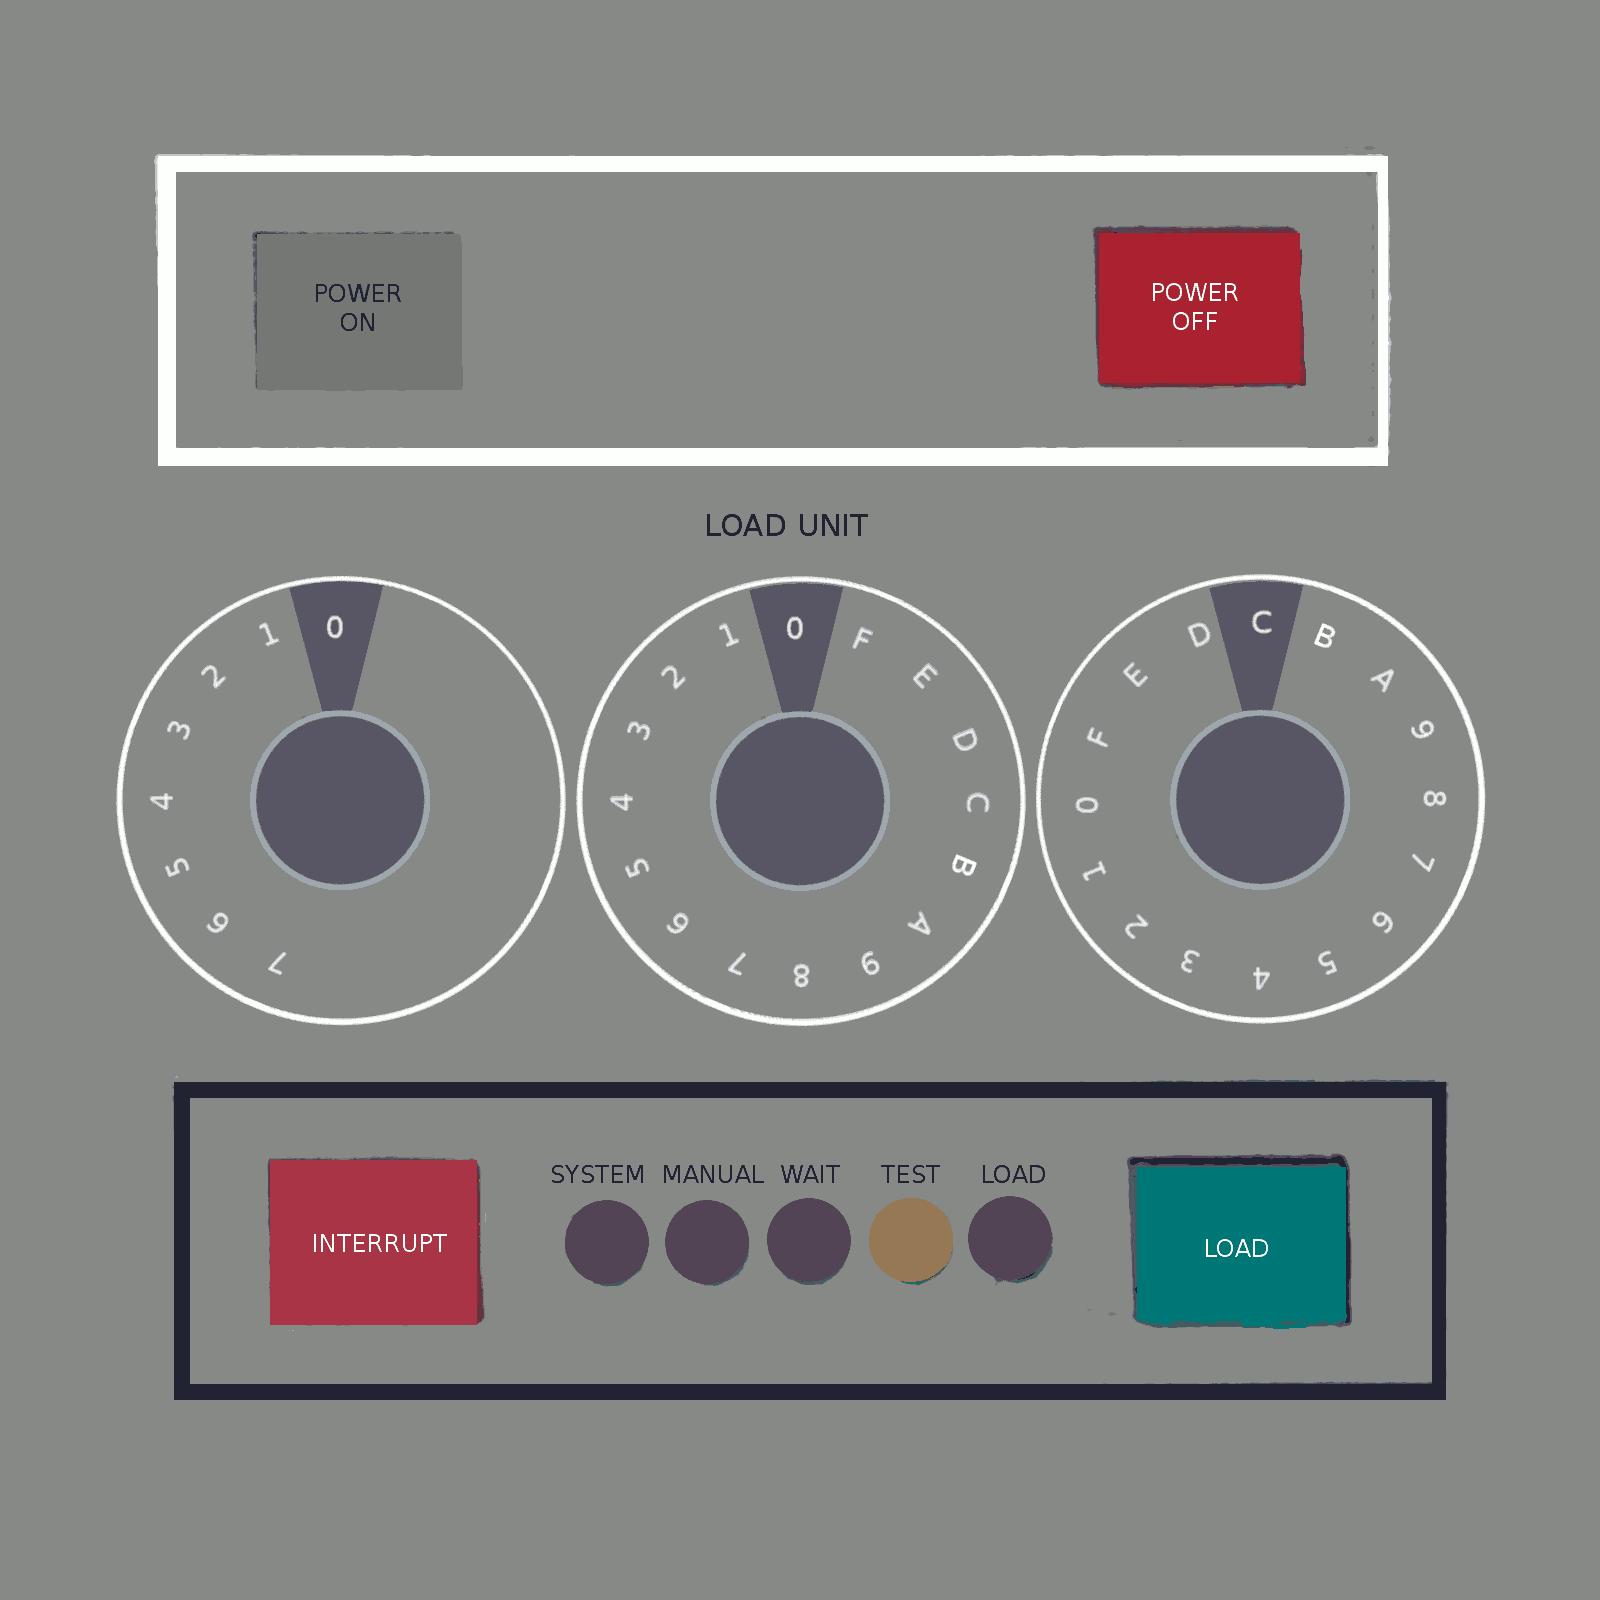 image_11_control_board